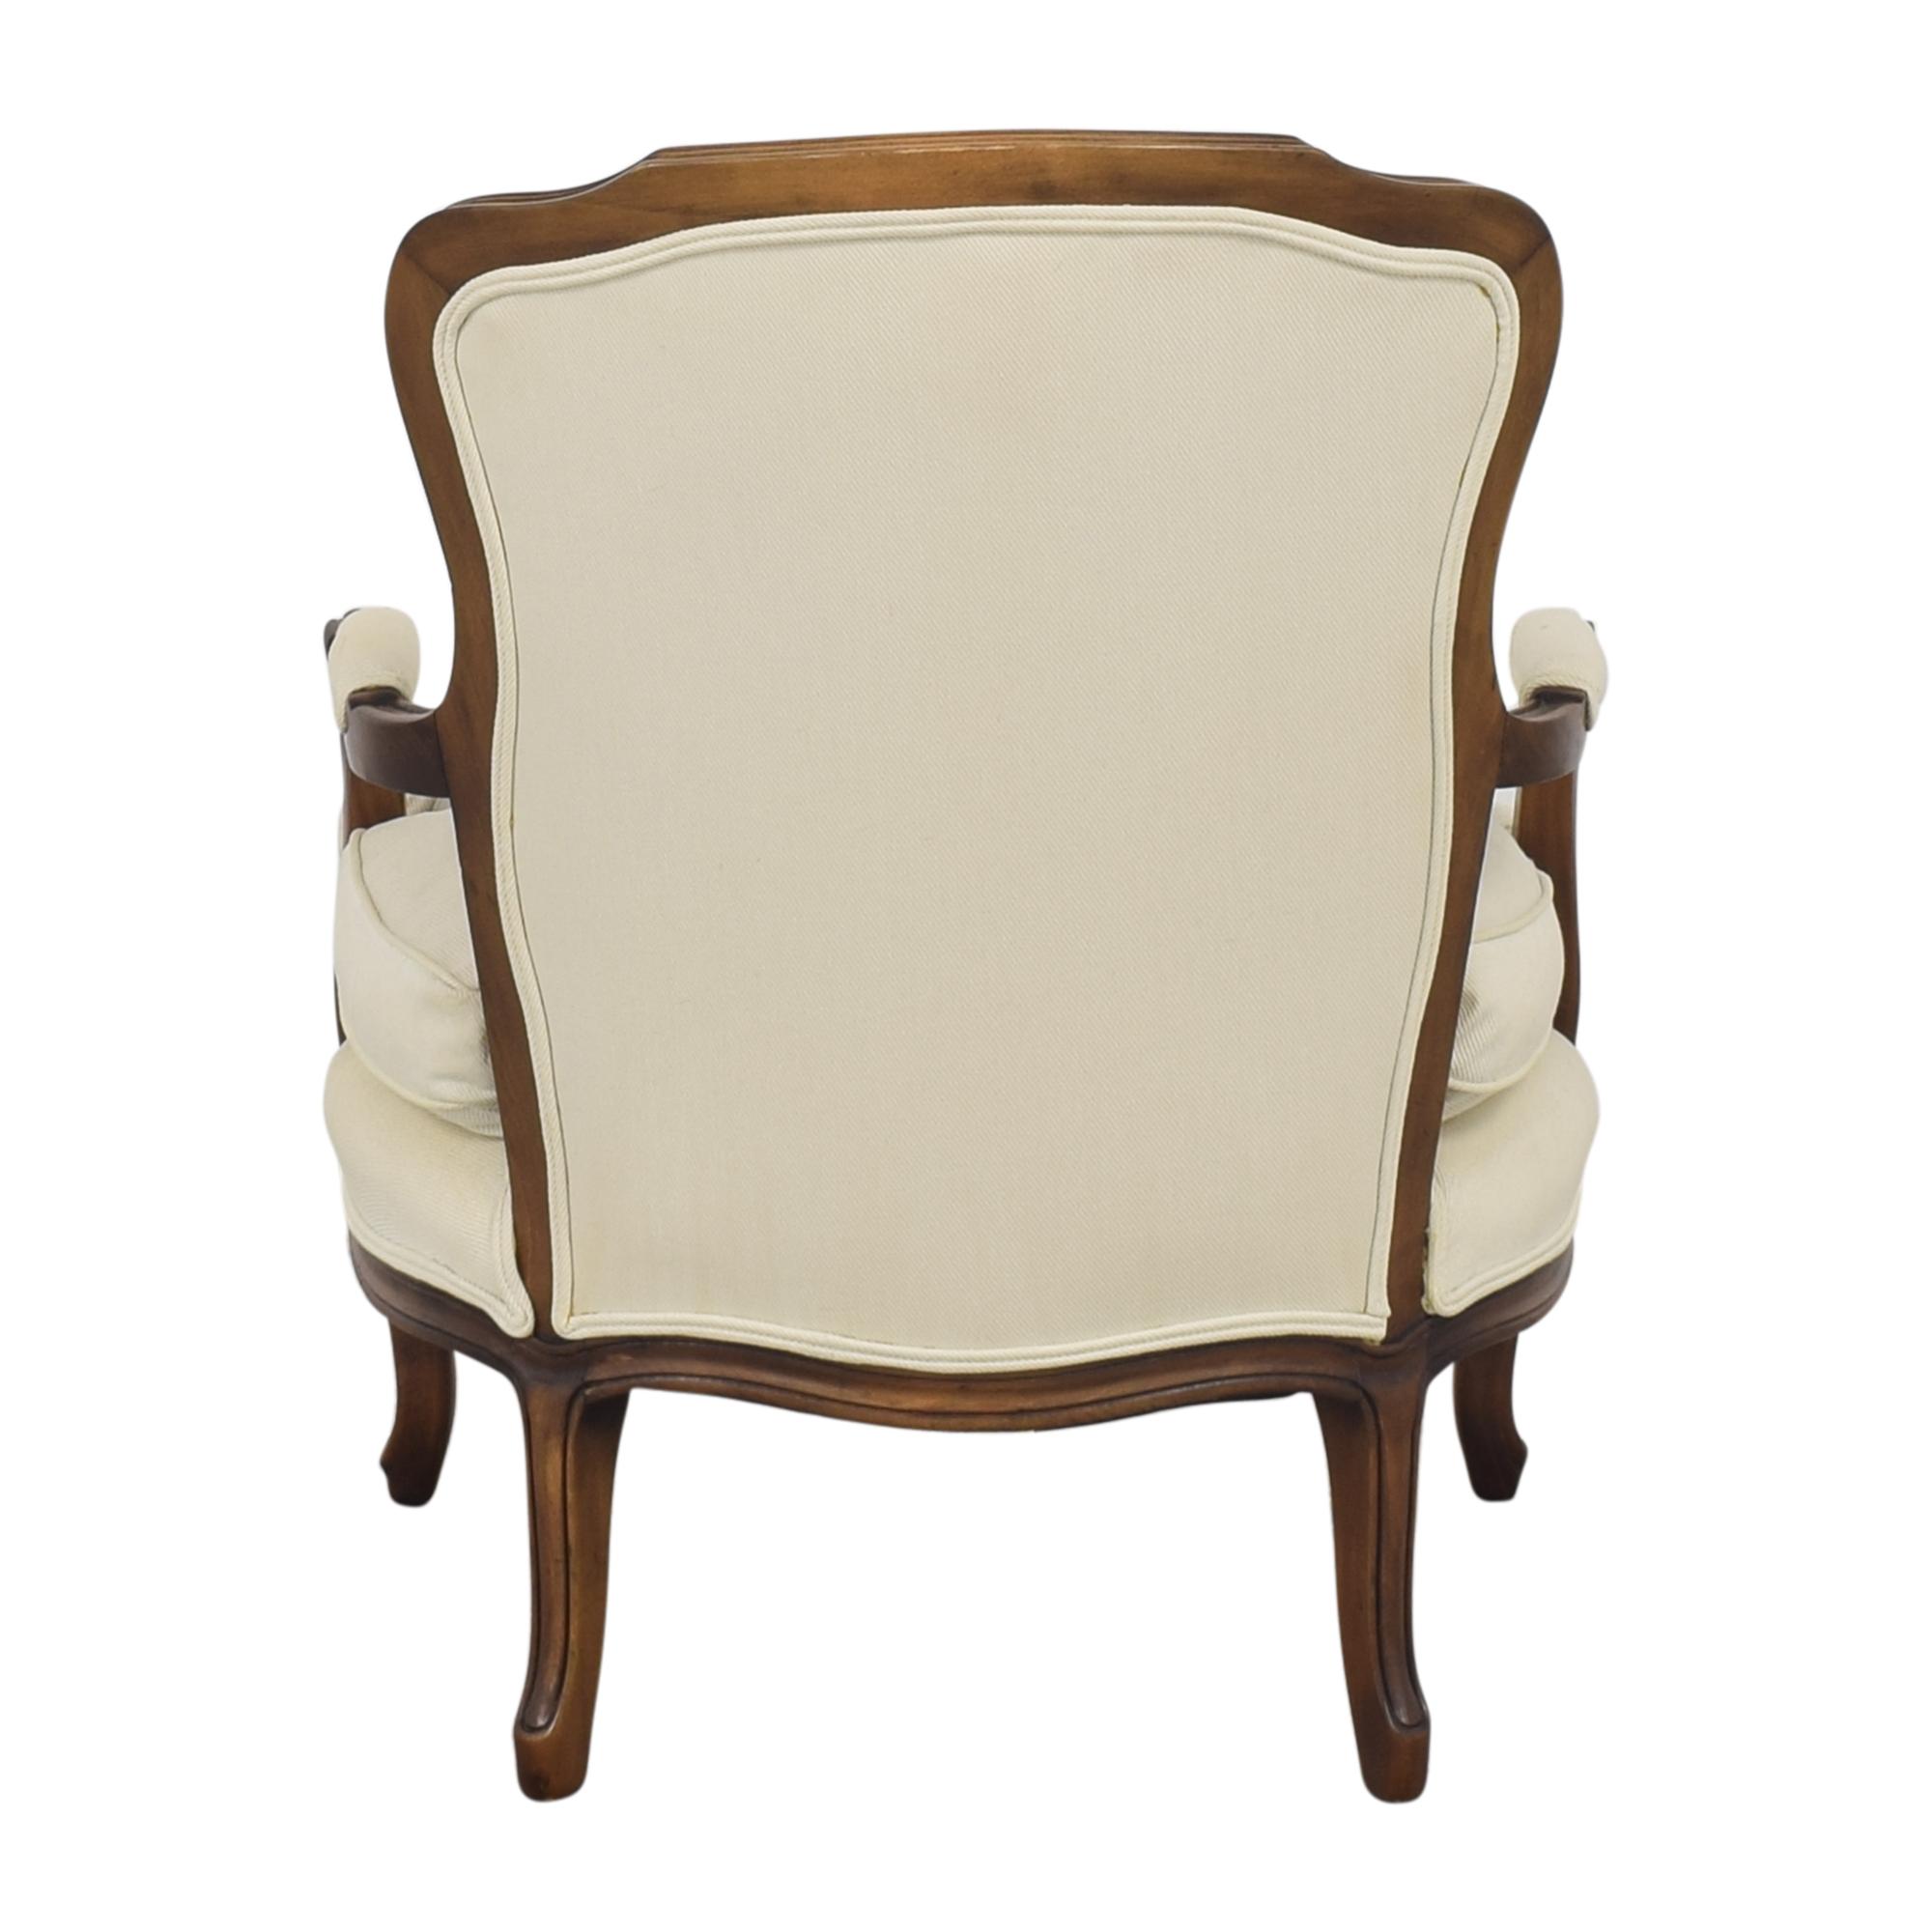 Meyer Gunther Martini Meyer Gunther Martini Louis XV Chair coupon